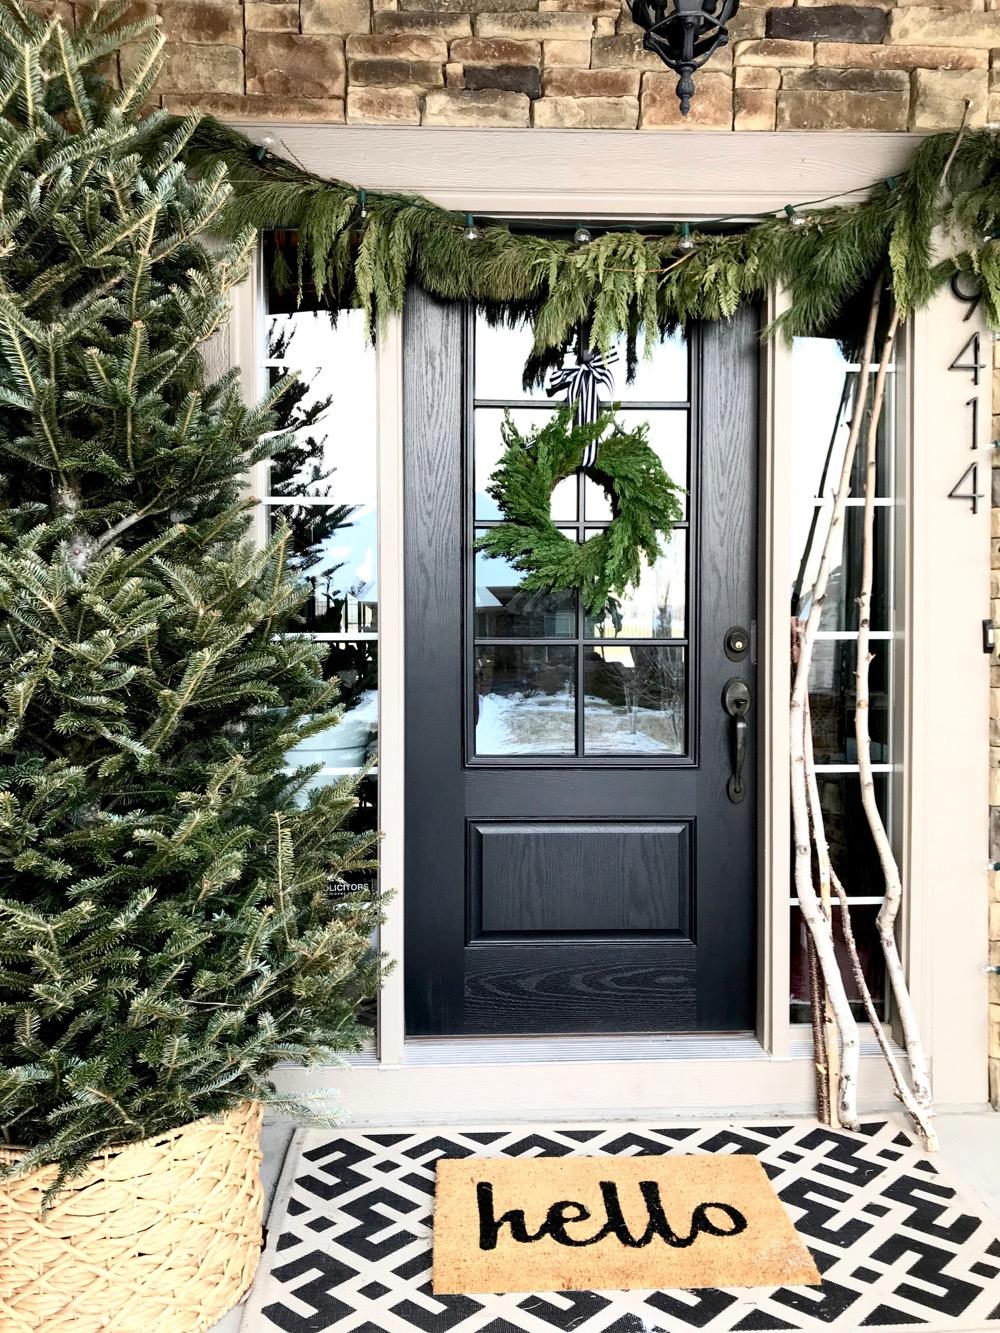 Winter Front Porch Decor - Life Love Larson